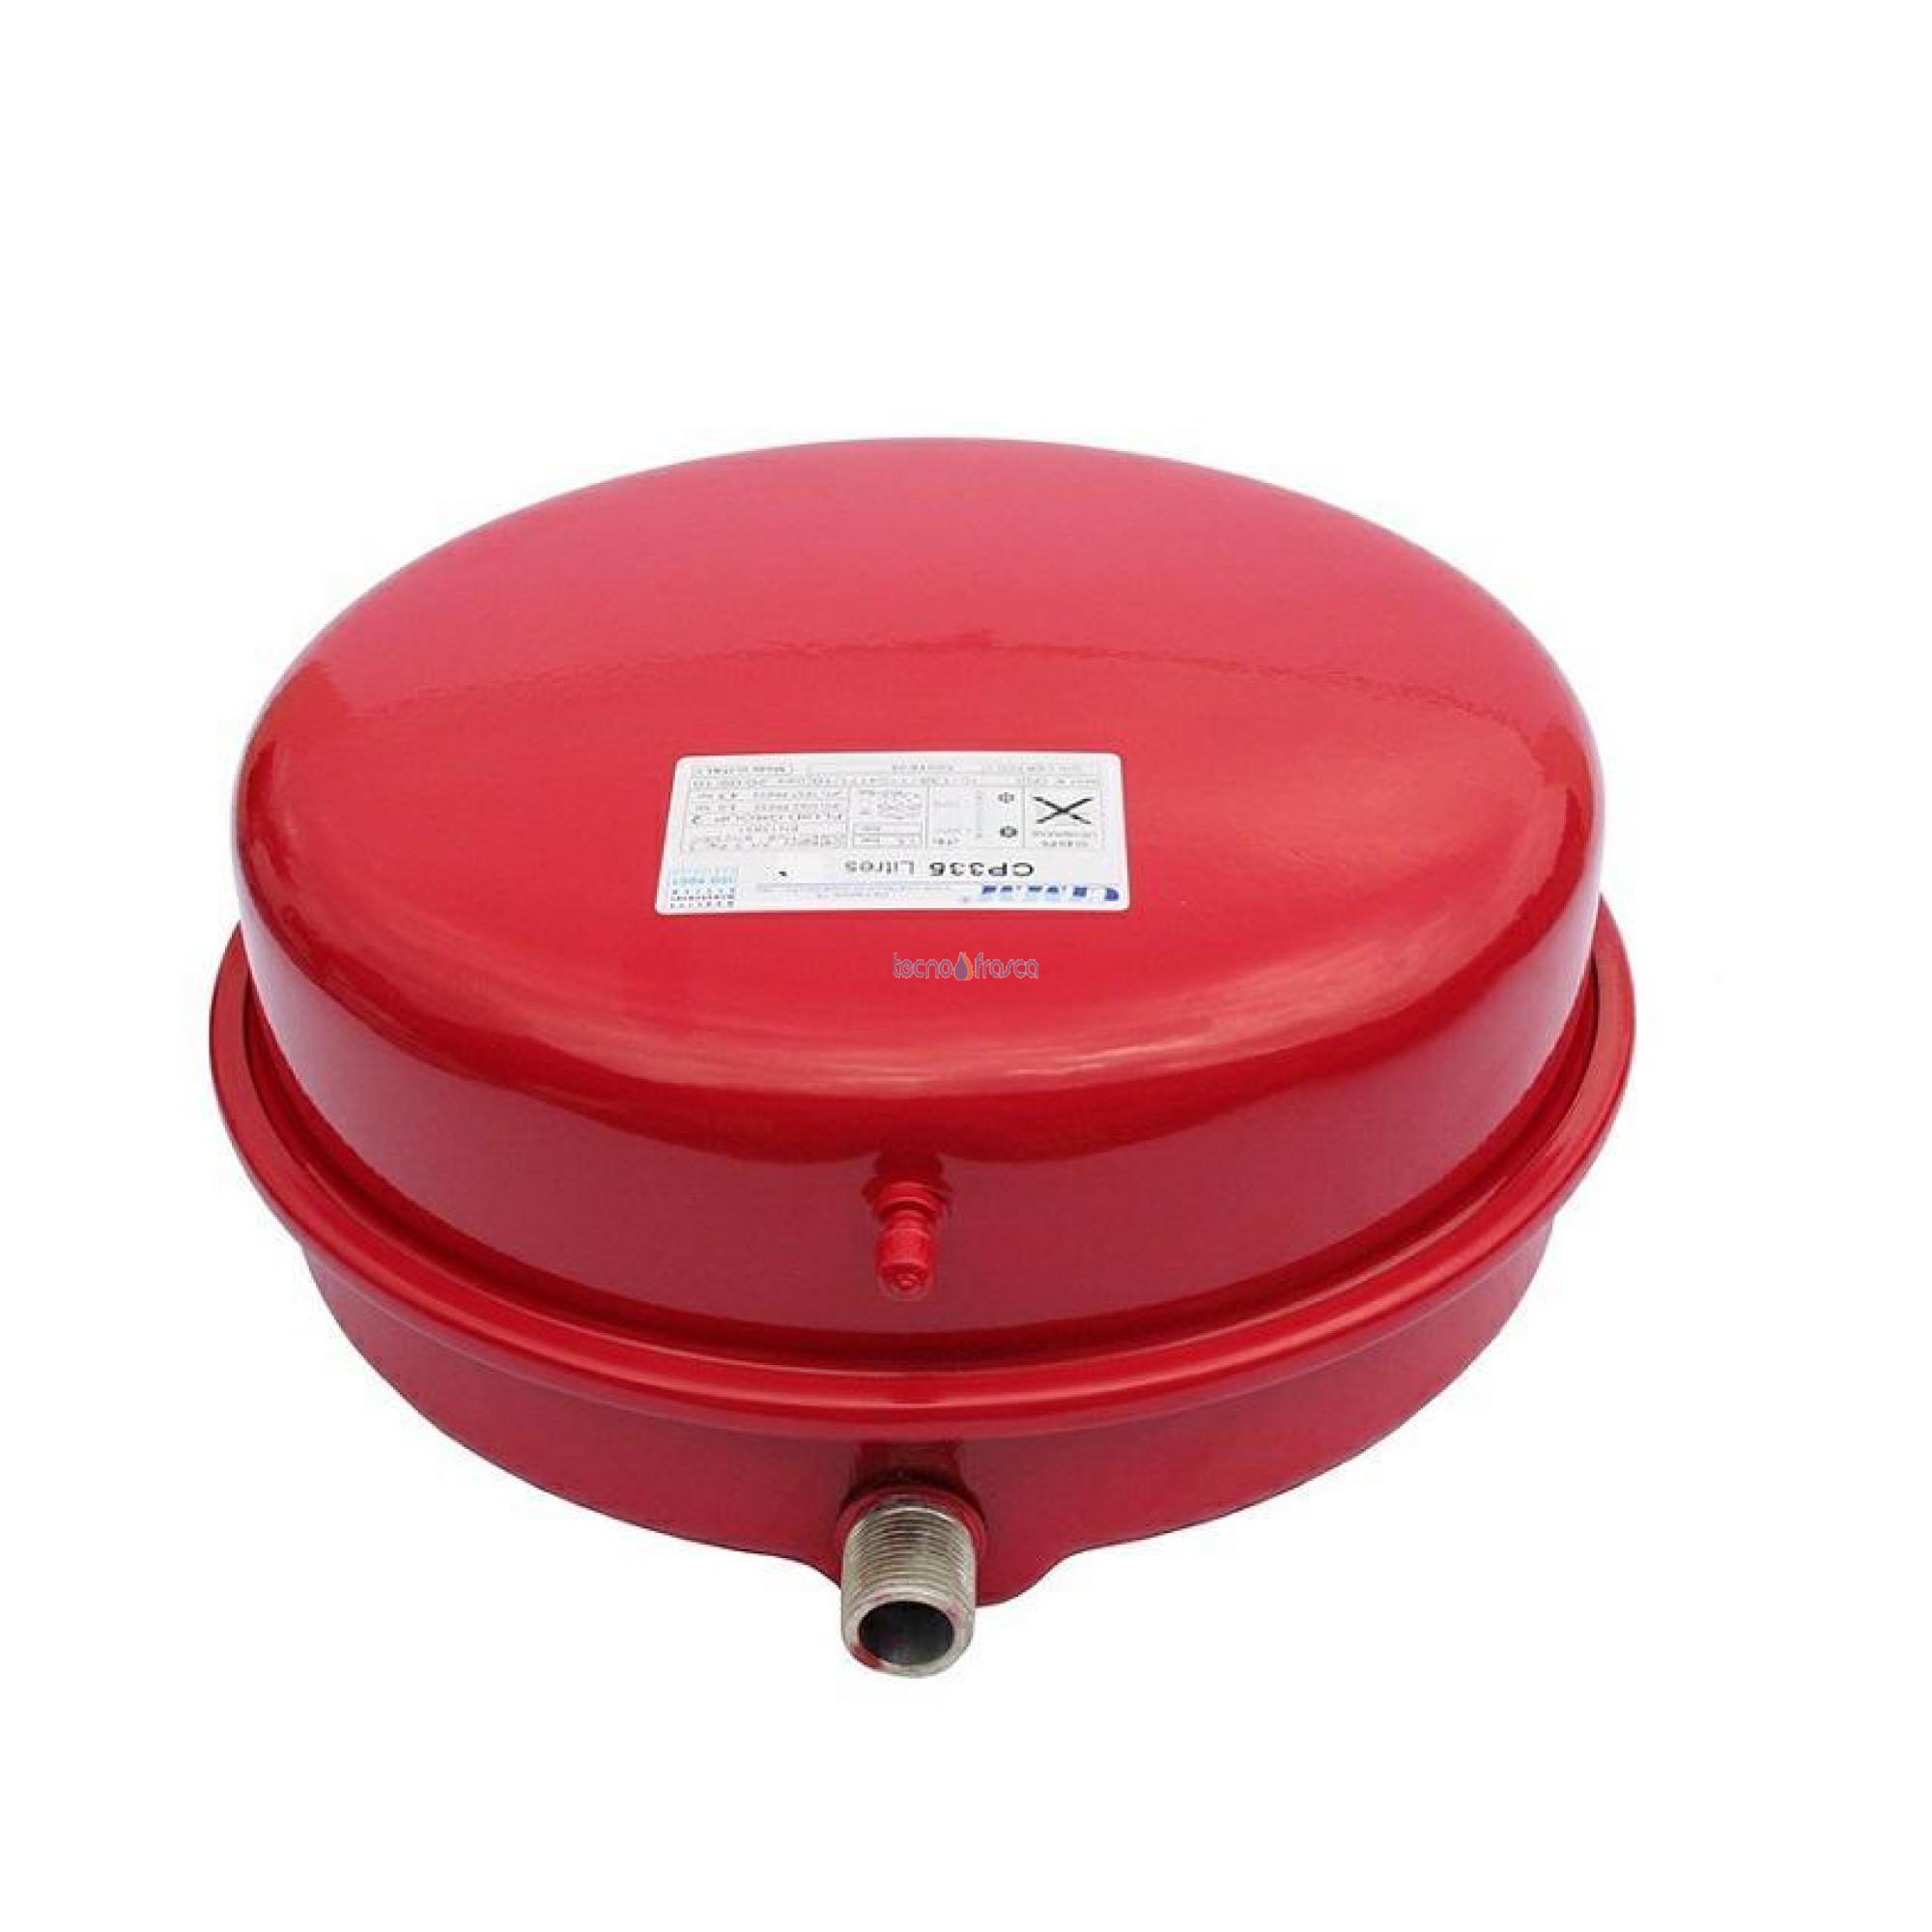 Vaso di espansione cimm circolare litri 8 d335 3/4 maschio